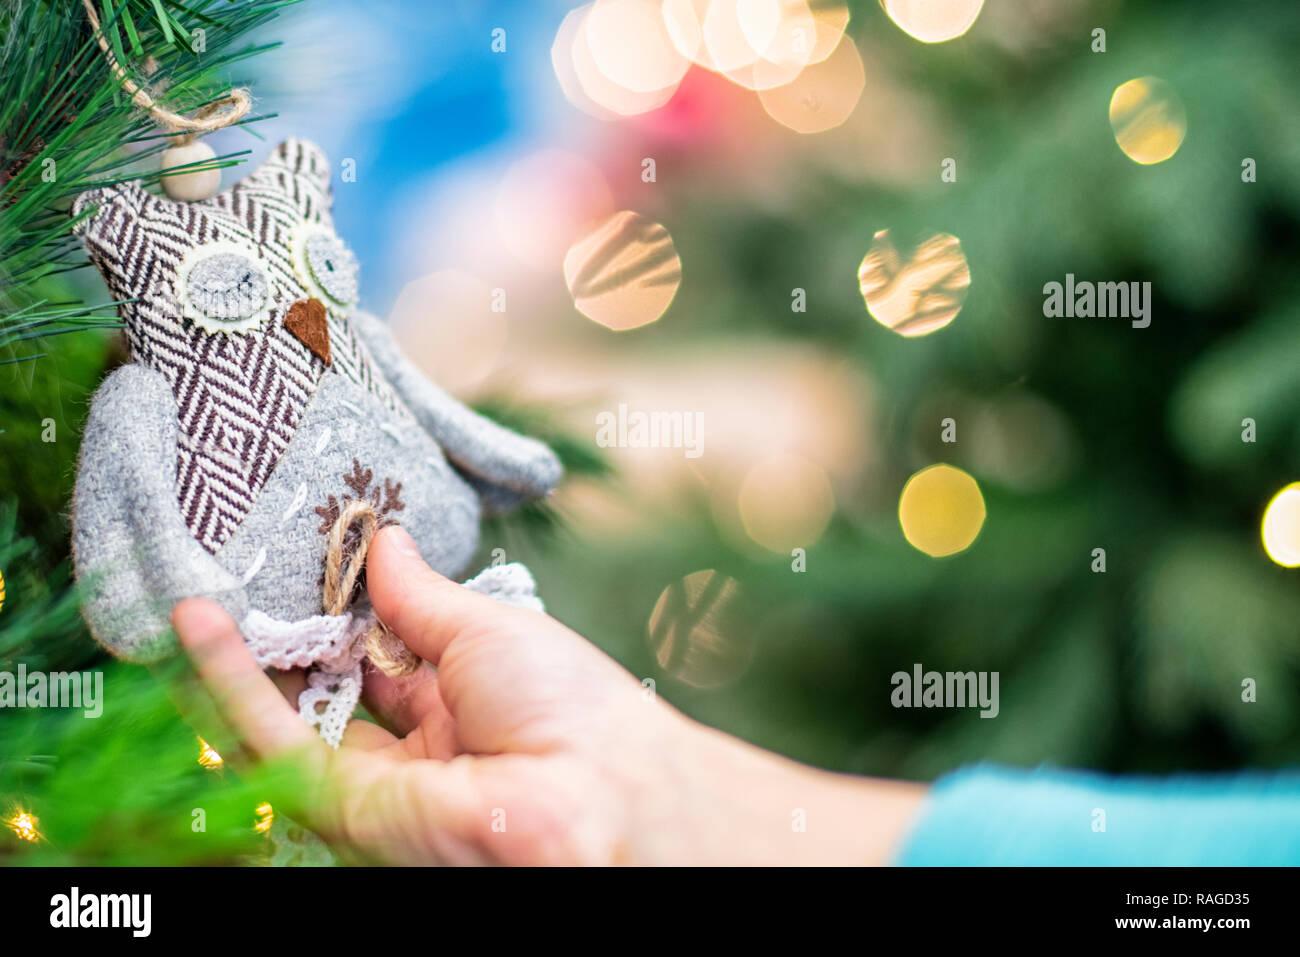 En De Manos Las Juguete Niño Navidad Sostienen Un los Niños b6IfYv7gy